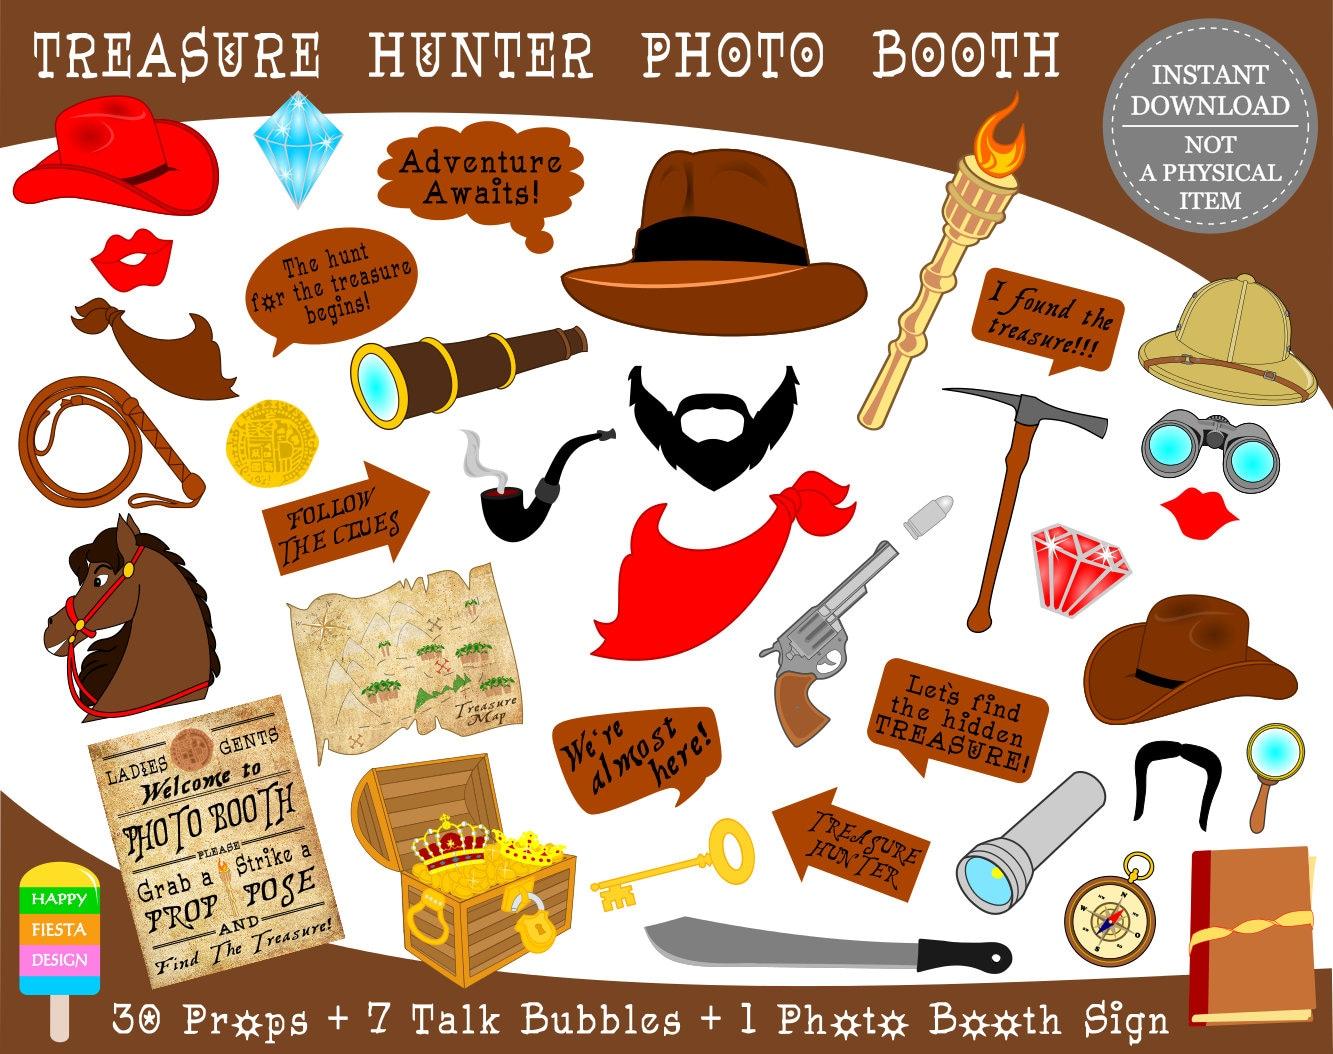 Printable Treasure Hunter Photo Booth Props Printable